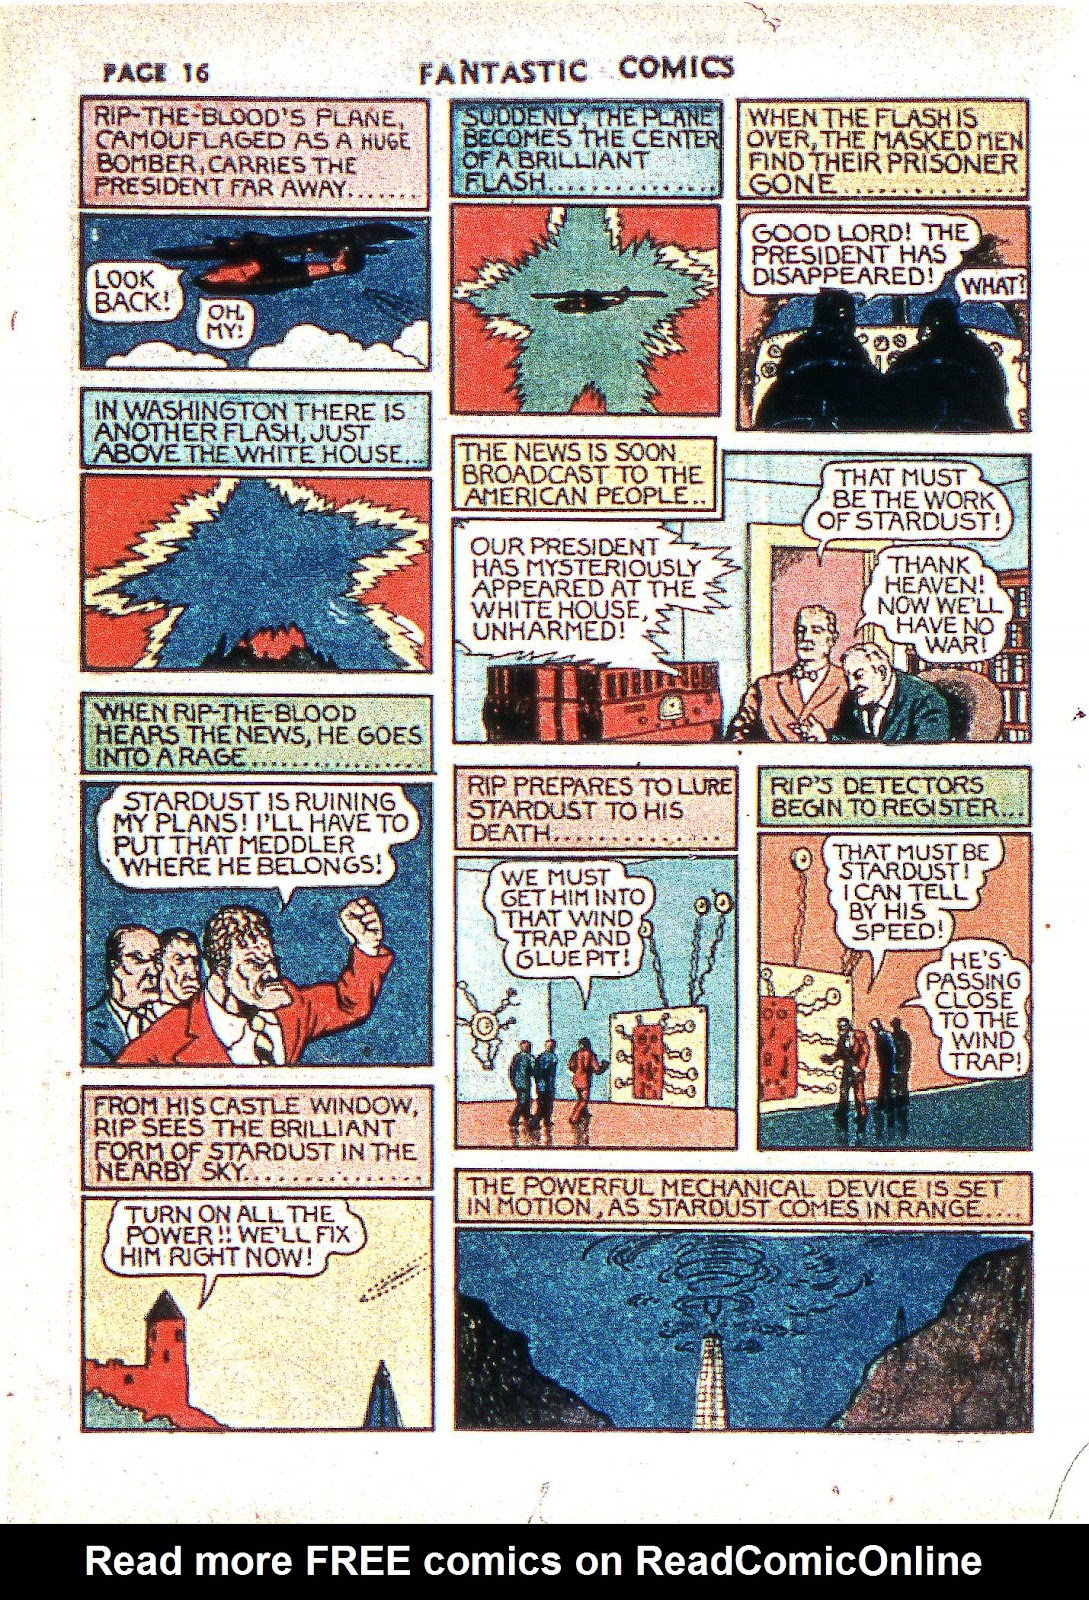 Read online Fantastic Comics comic -  Issue #2 - 18